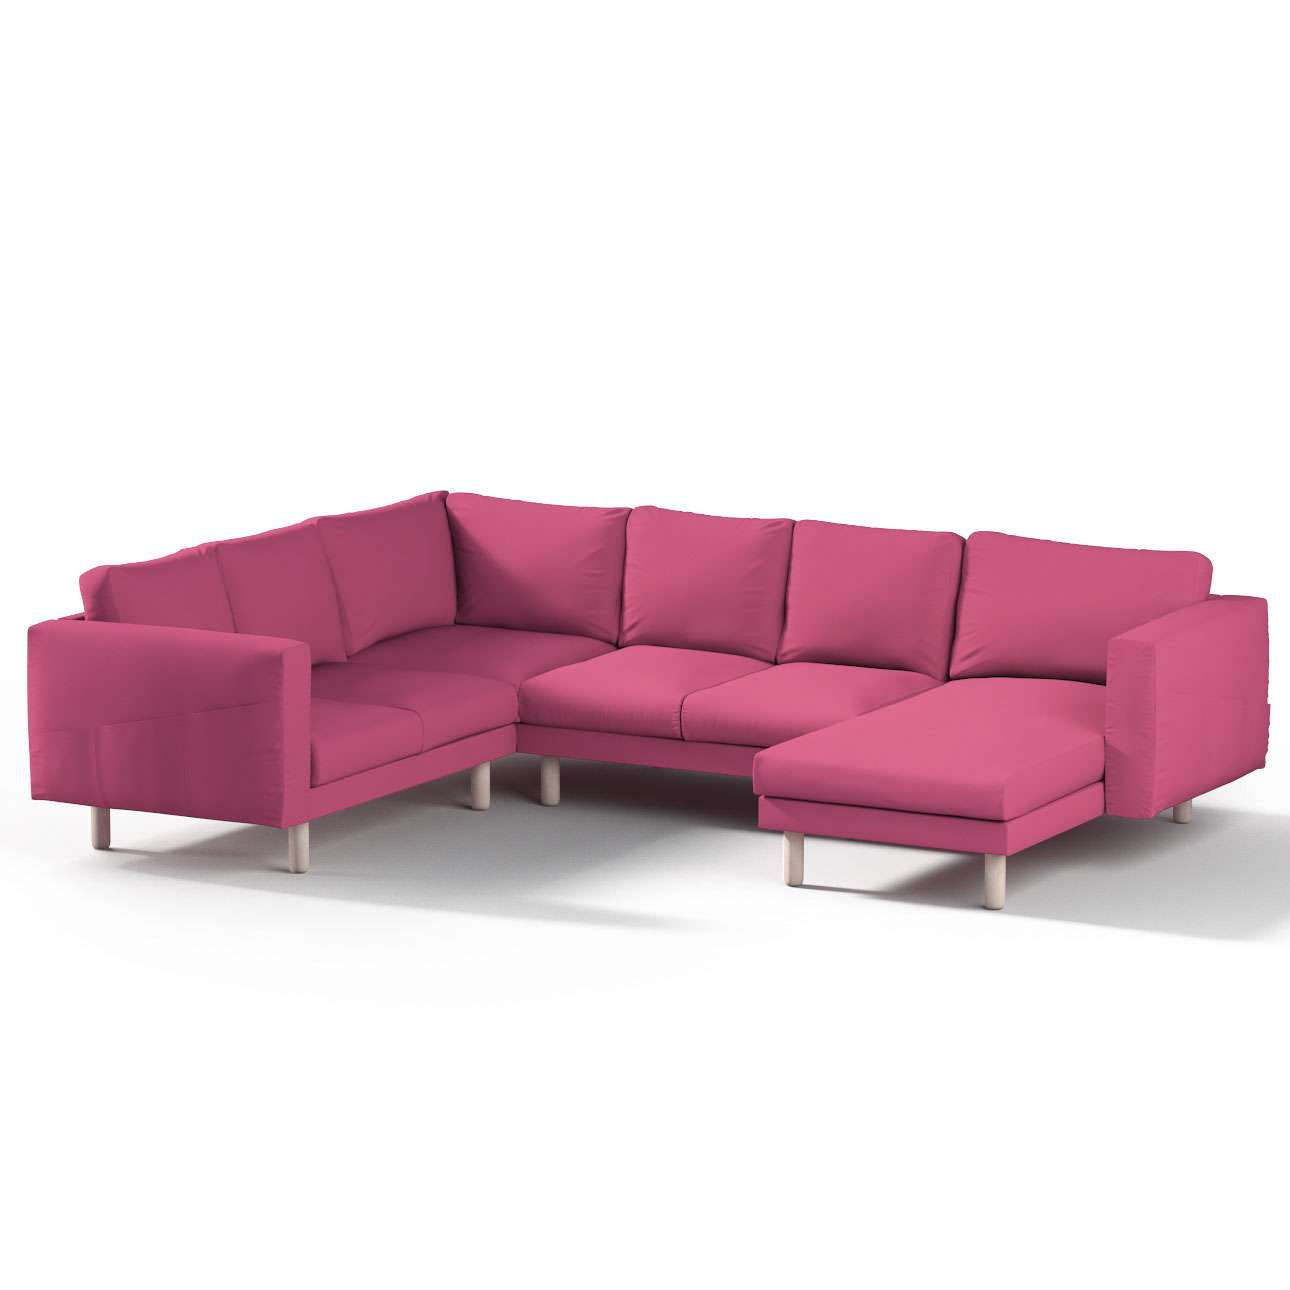 Pokrowiec na sofę narożną Norsborg 5-osobową z szezlongiem w kolekcji Etna, tkanina: 705-23